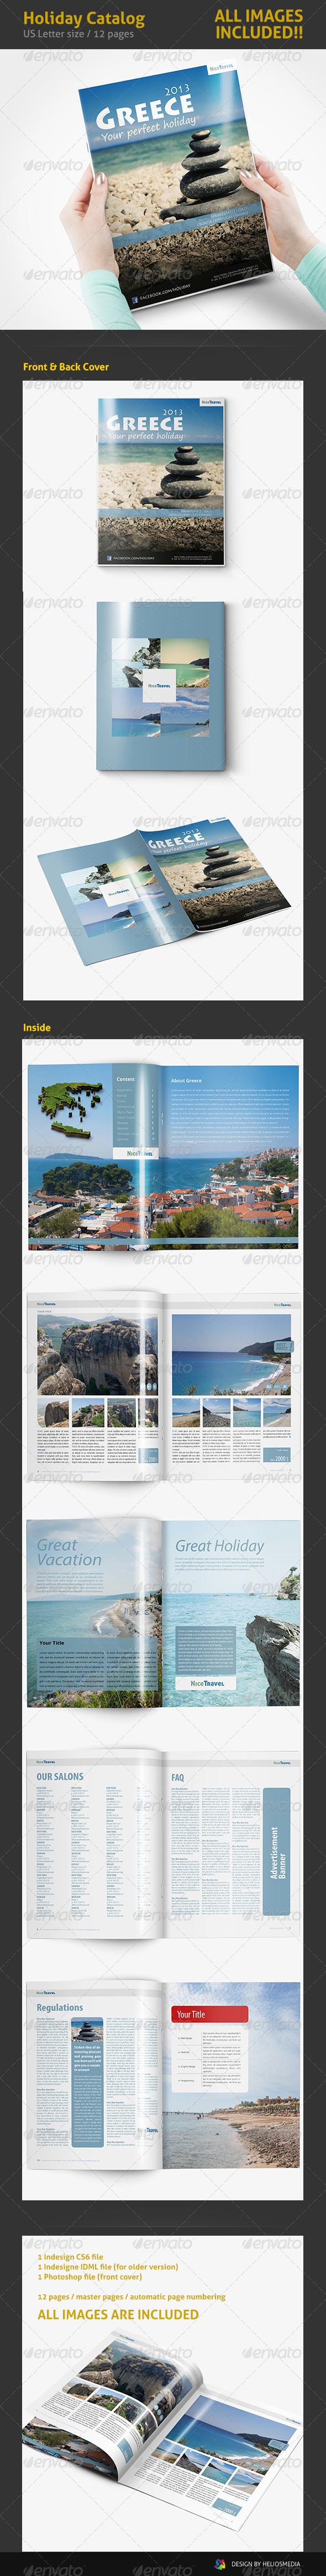 GraphicRiver Travel Holiday Catalog 4271735